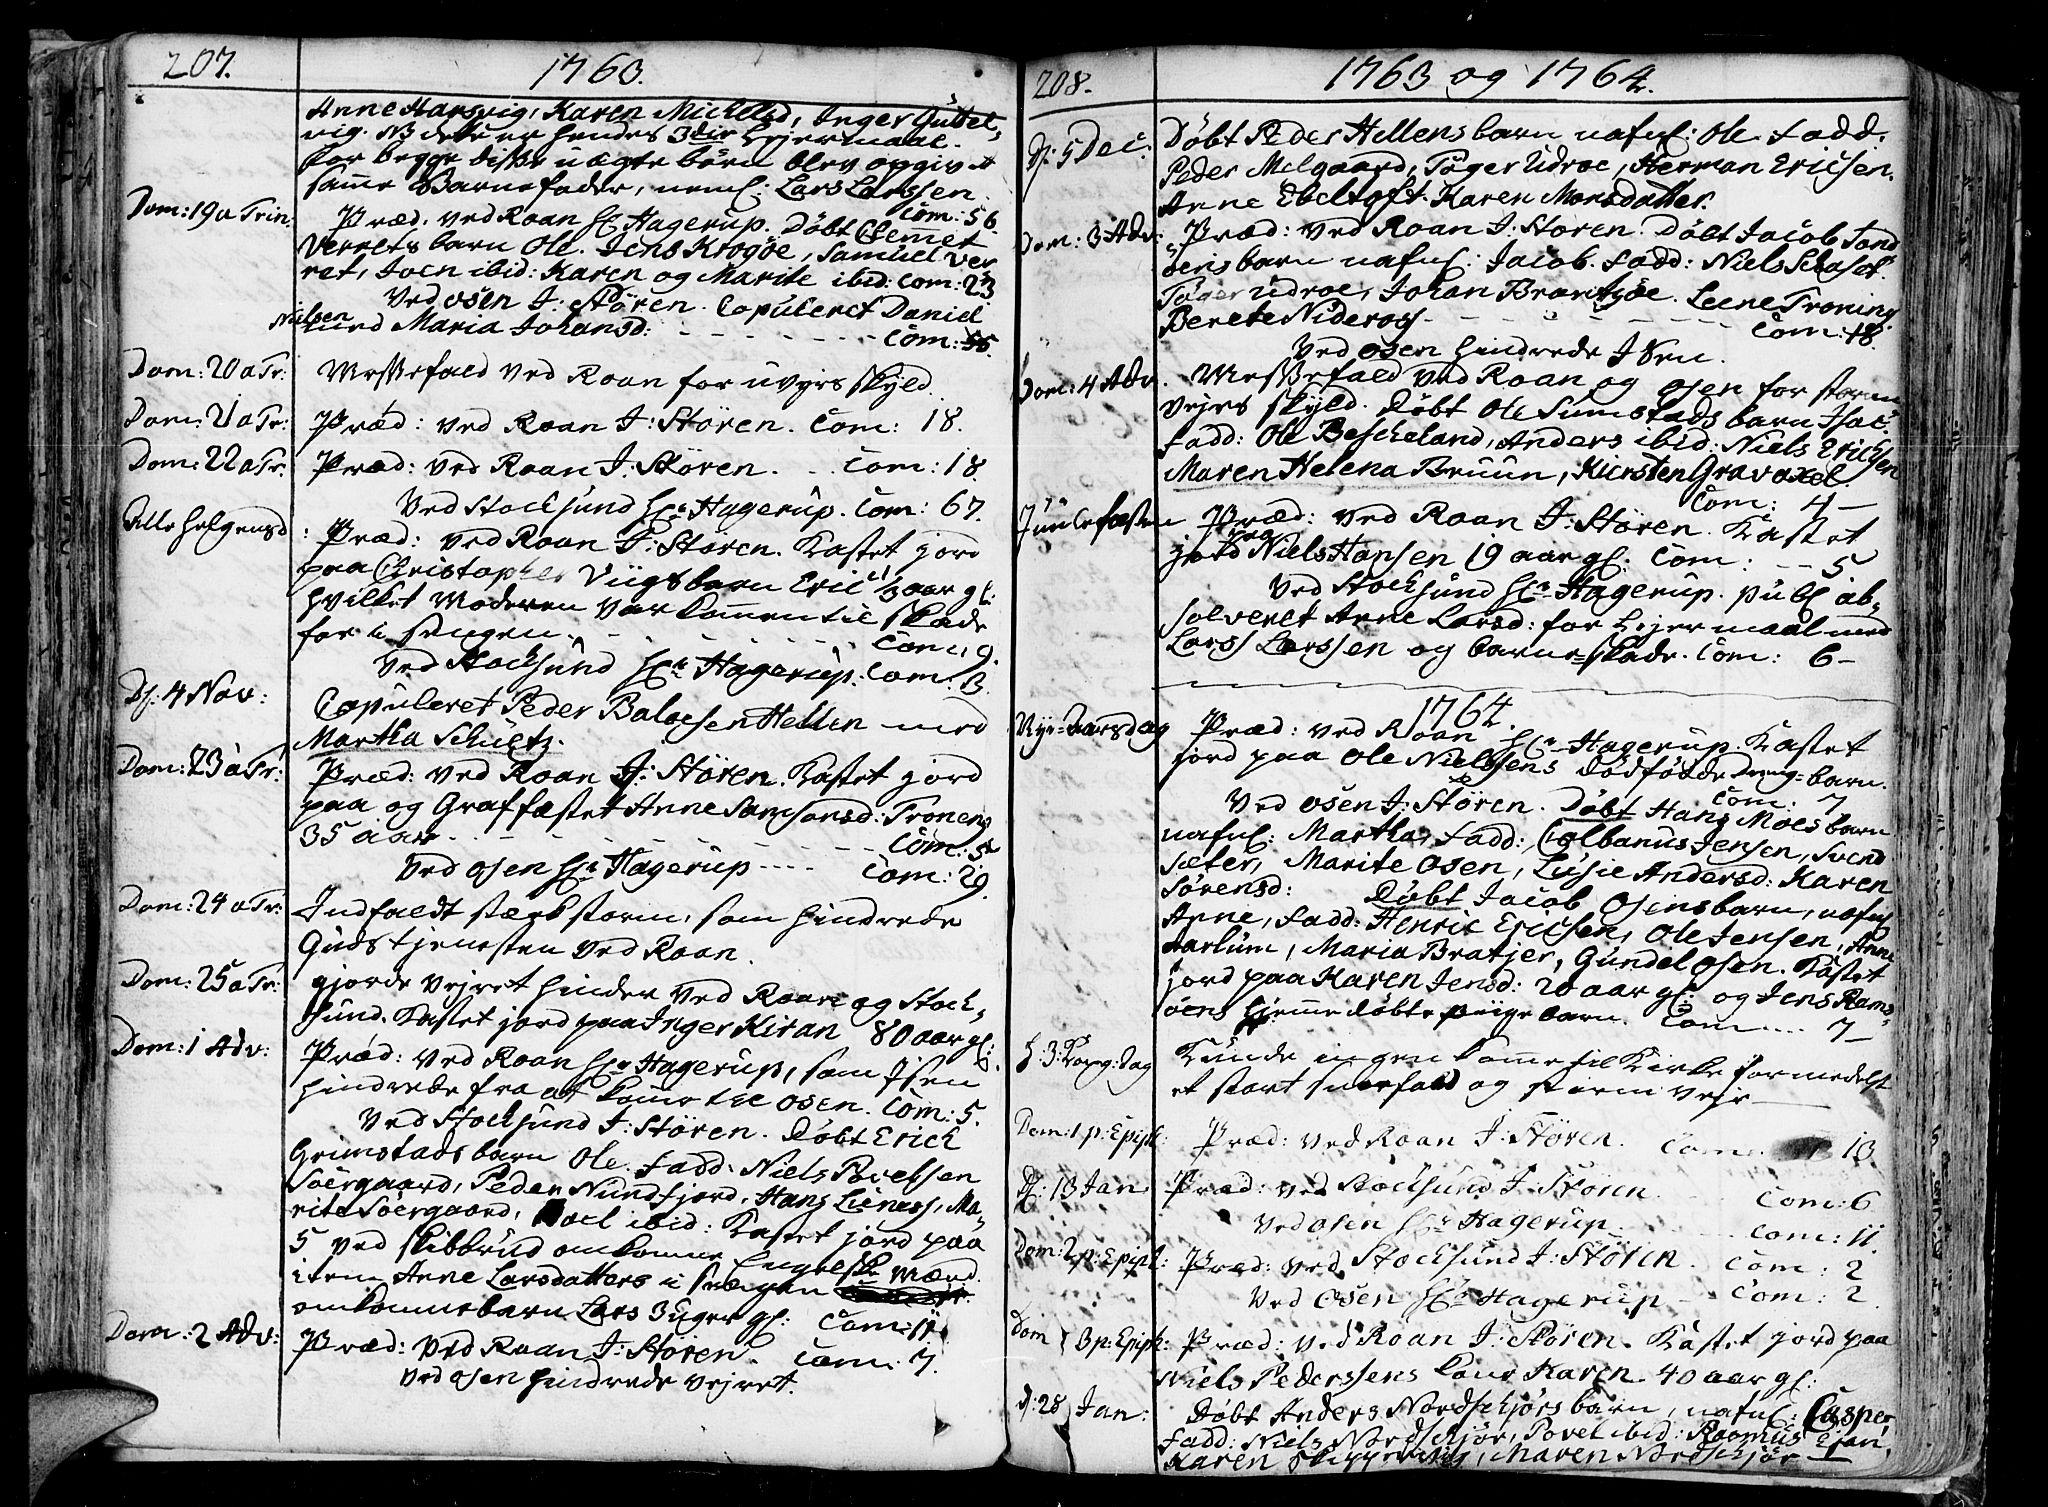 SAT, Ministerialprotokoller, klokkerbøker og fødselsregistre - Sør-Trøndelag, 657/L0700: Ministerialbok nr. 657A01, 1732-1801, s. 207-208